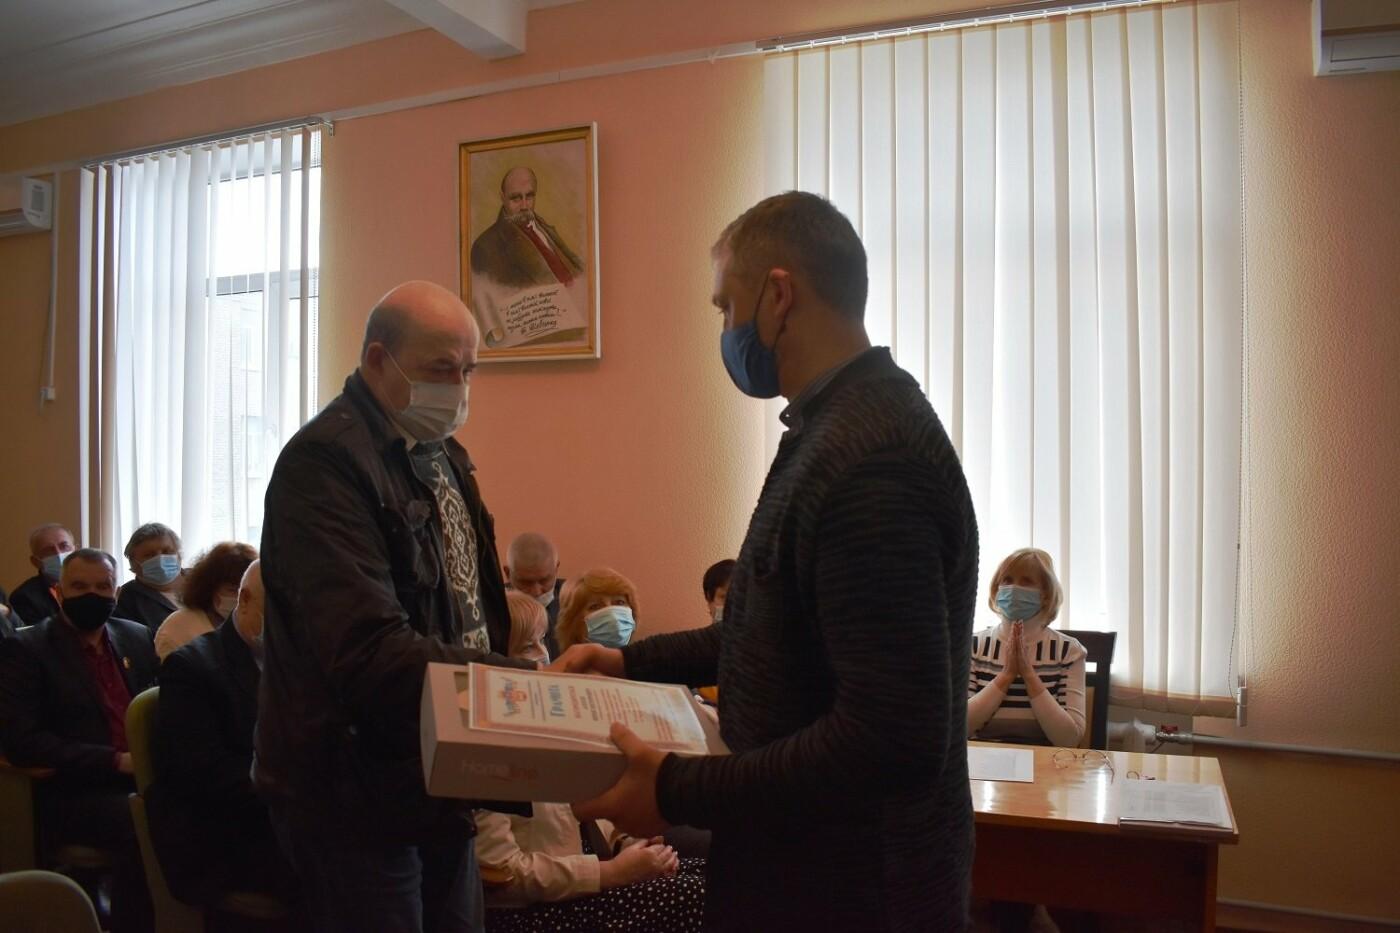 В Северодонецке наградили грамотами ликвидаторов чернобыльской катастрофы (фото), фото-3